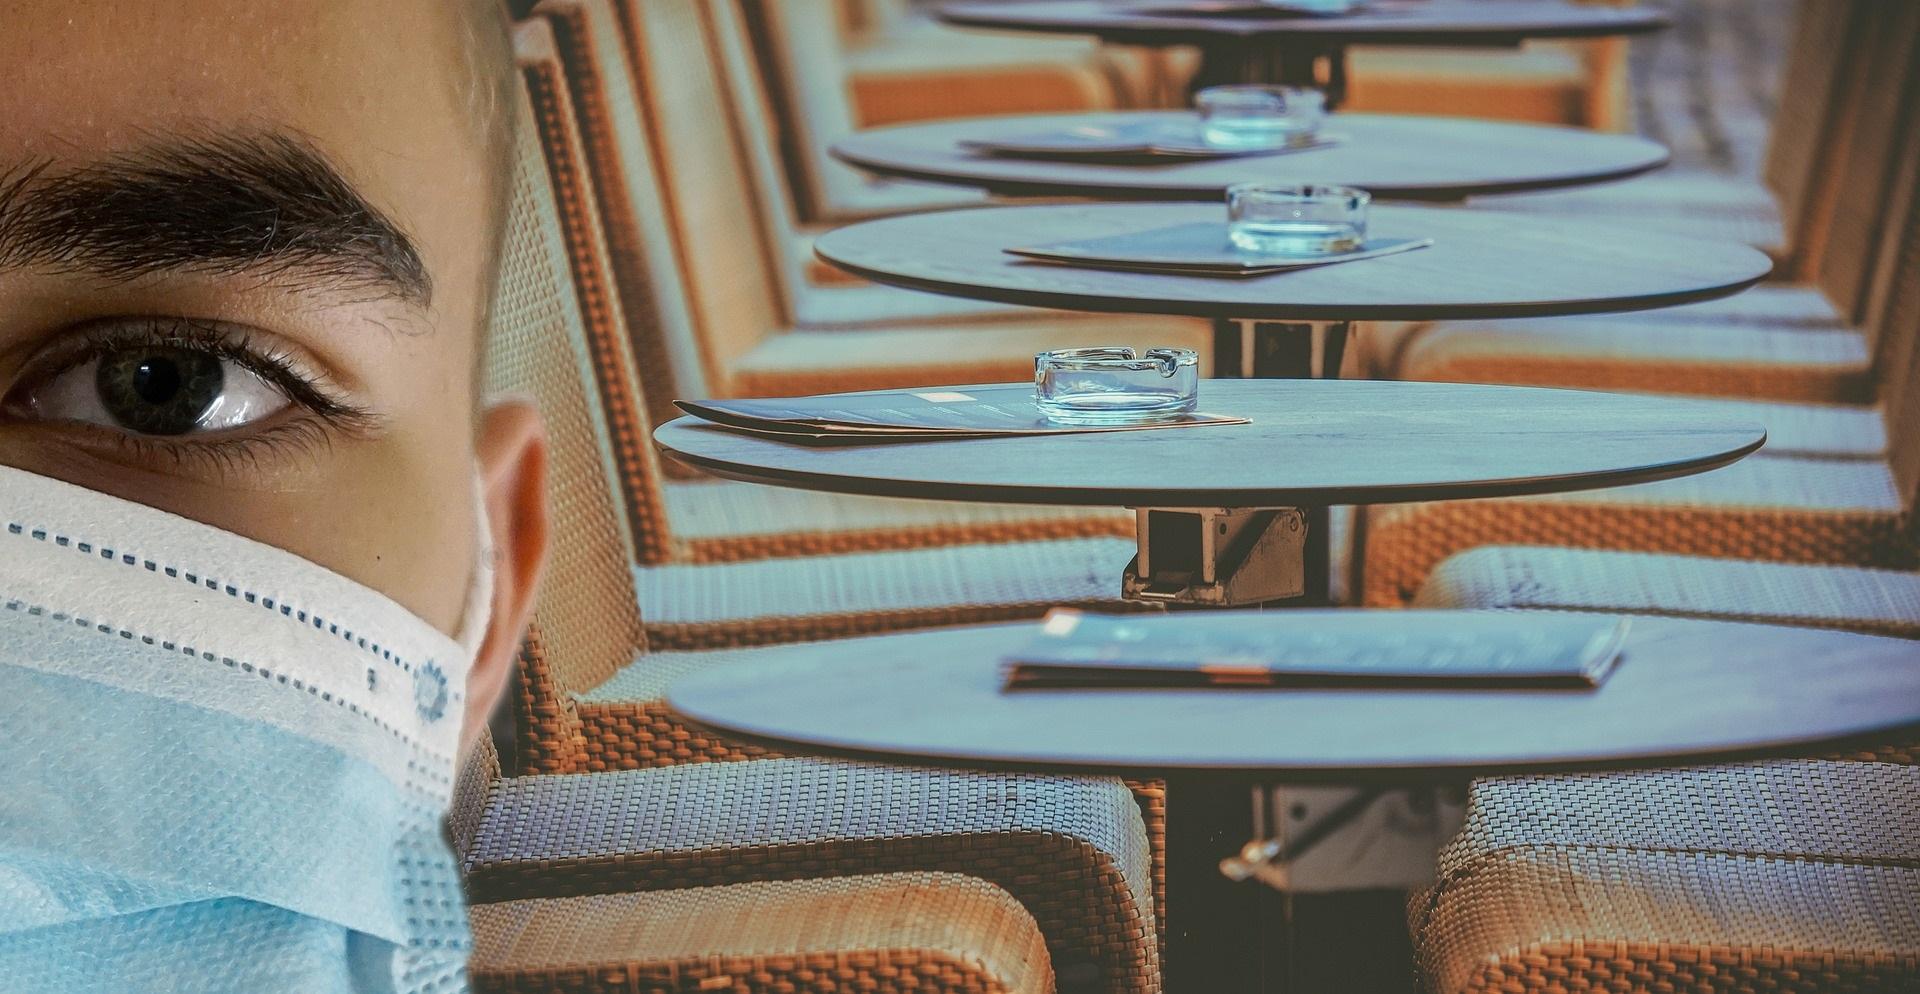 Hostelería Madrid pide a la Consejería de Sanidad la apertura de bares de copas - La Viña